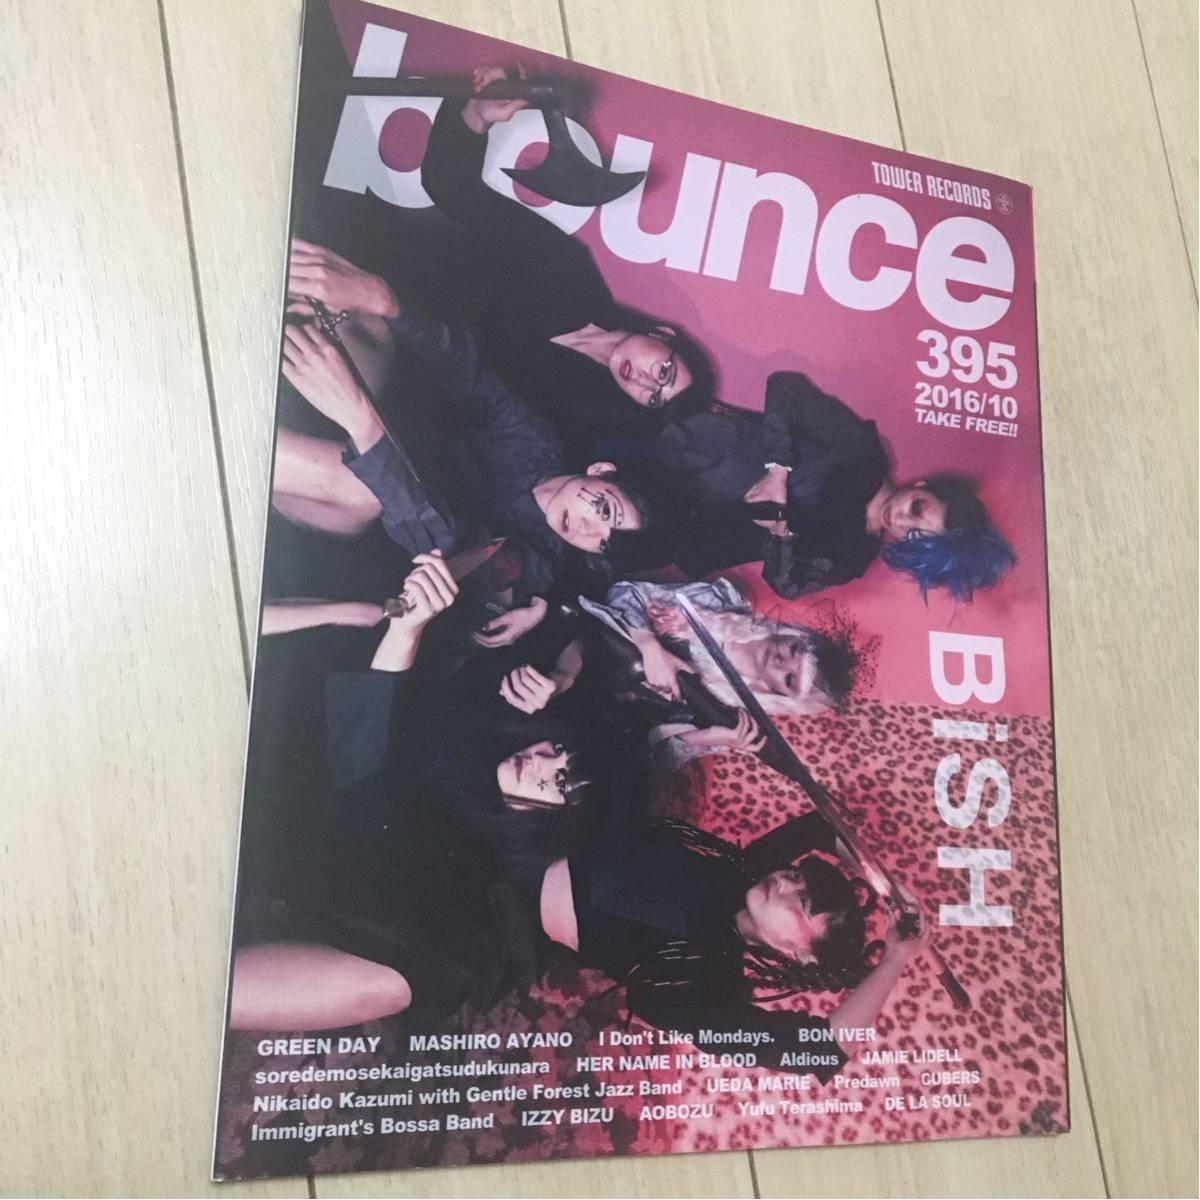 バウンス bounce フリーペーパー タワーレコード タワレコ 表紙 bish アイドル グリーンデイ green day 2016